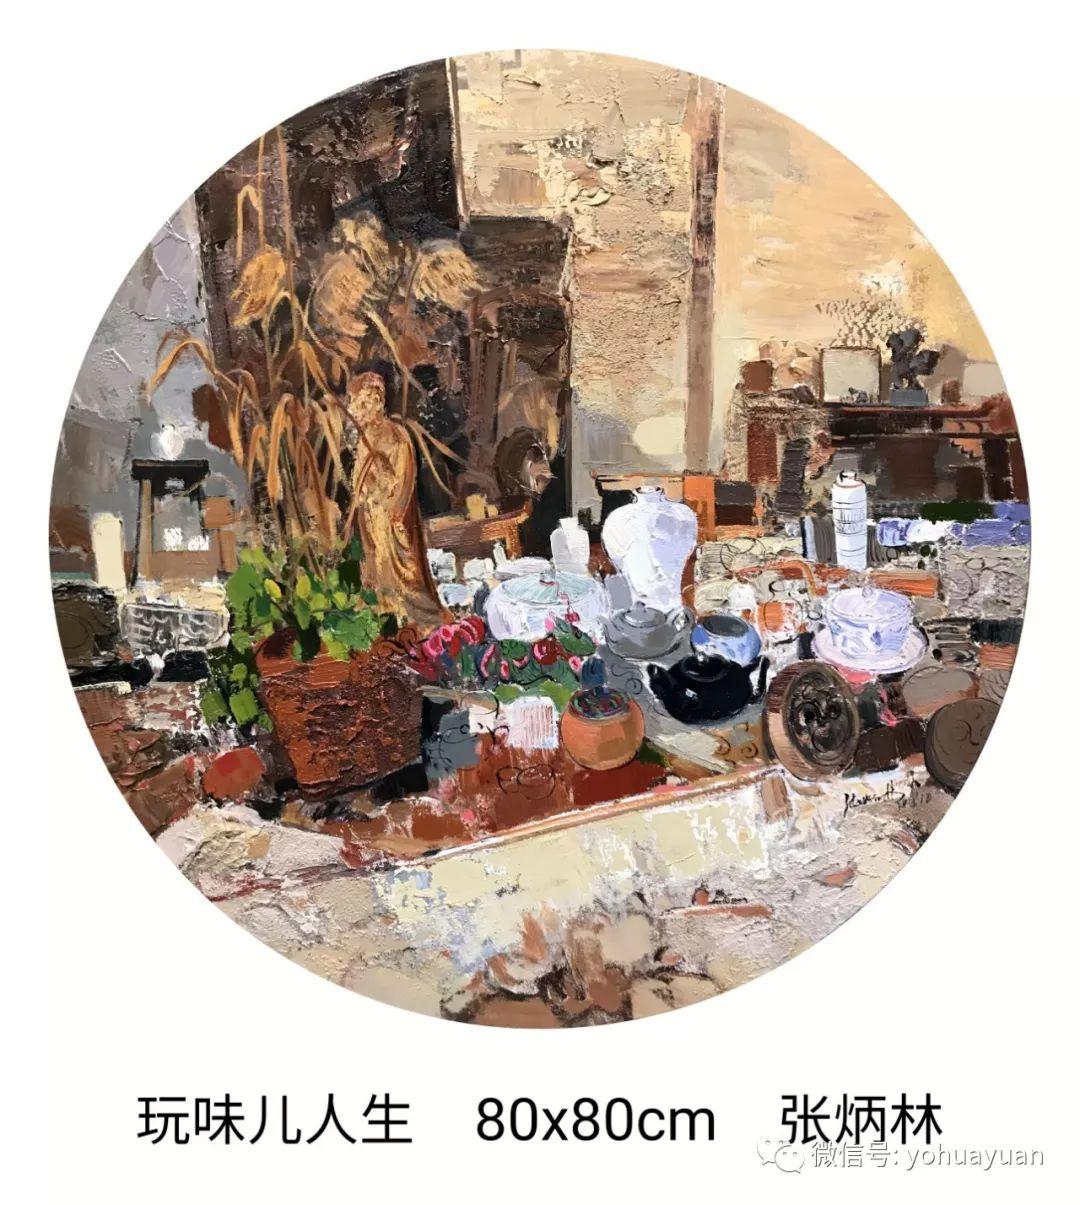 油画作品拍卖(内蒙古草原写生) 第114张 油画作品拍卖(内蒙古草原写生) 蒙古画廊